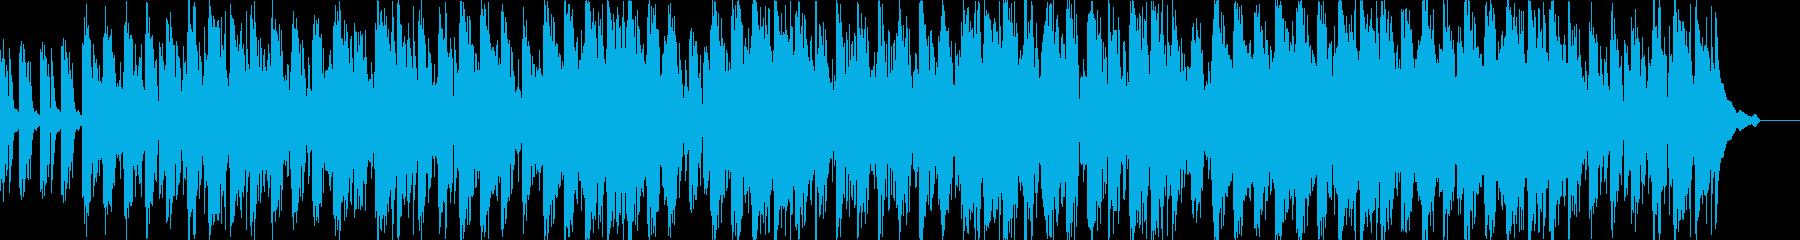 JAZZサスペンスドラマが似合うサウンドの再生済みの波形